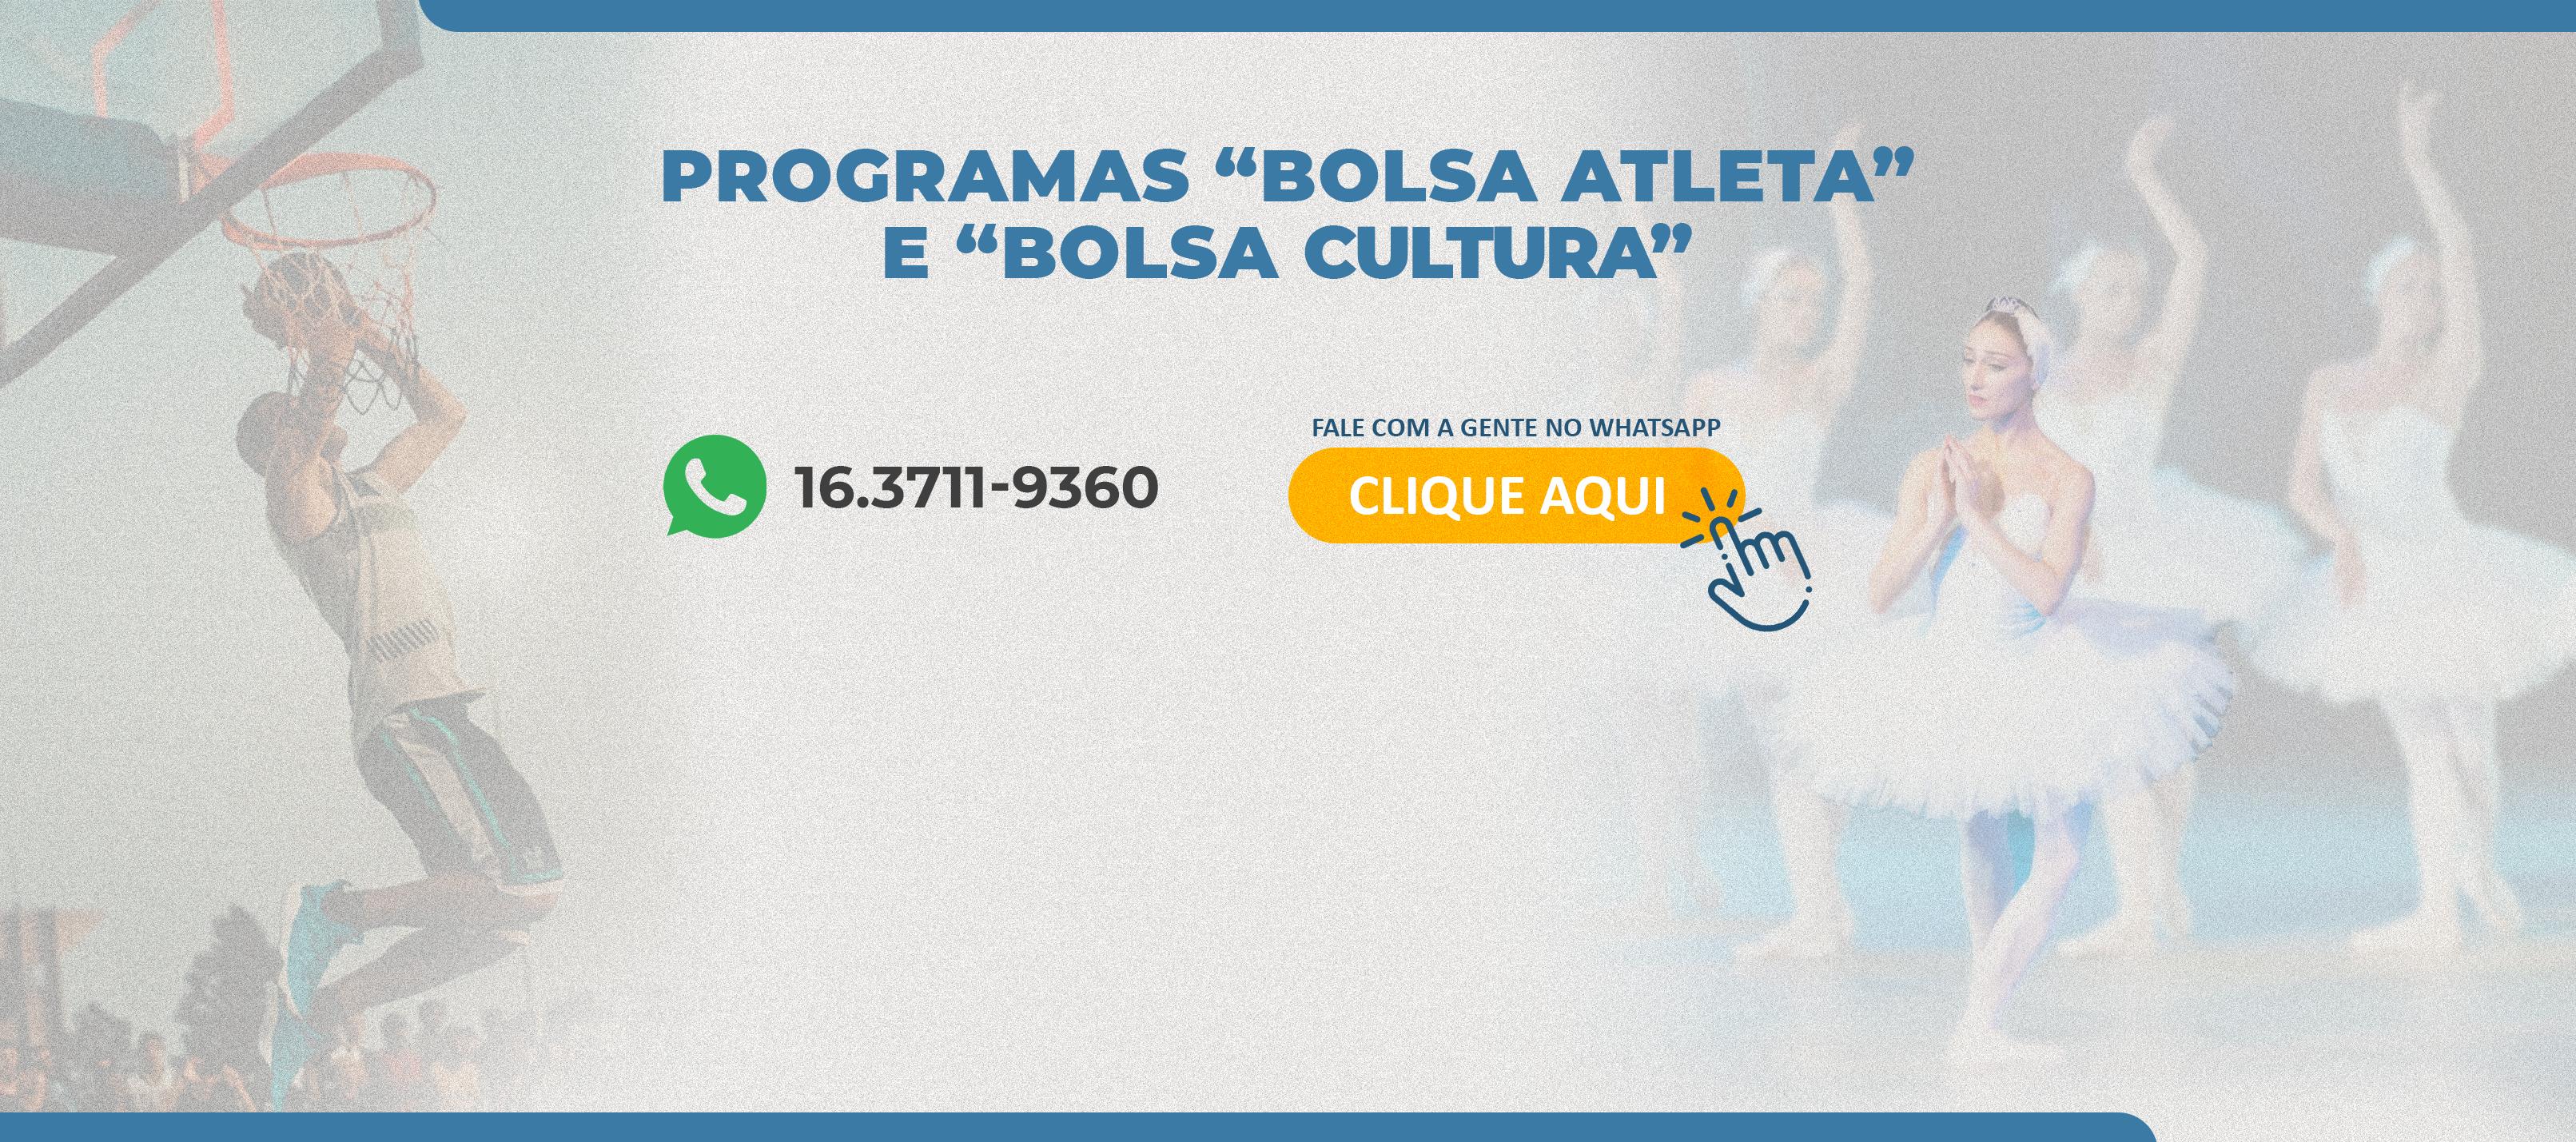 bolsa-atleta-bolsa-cultura_original